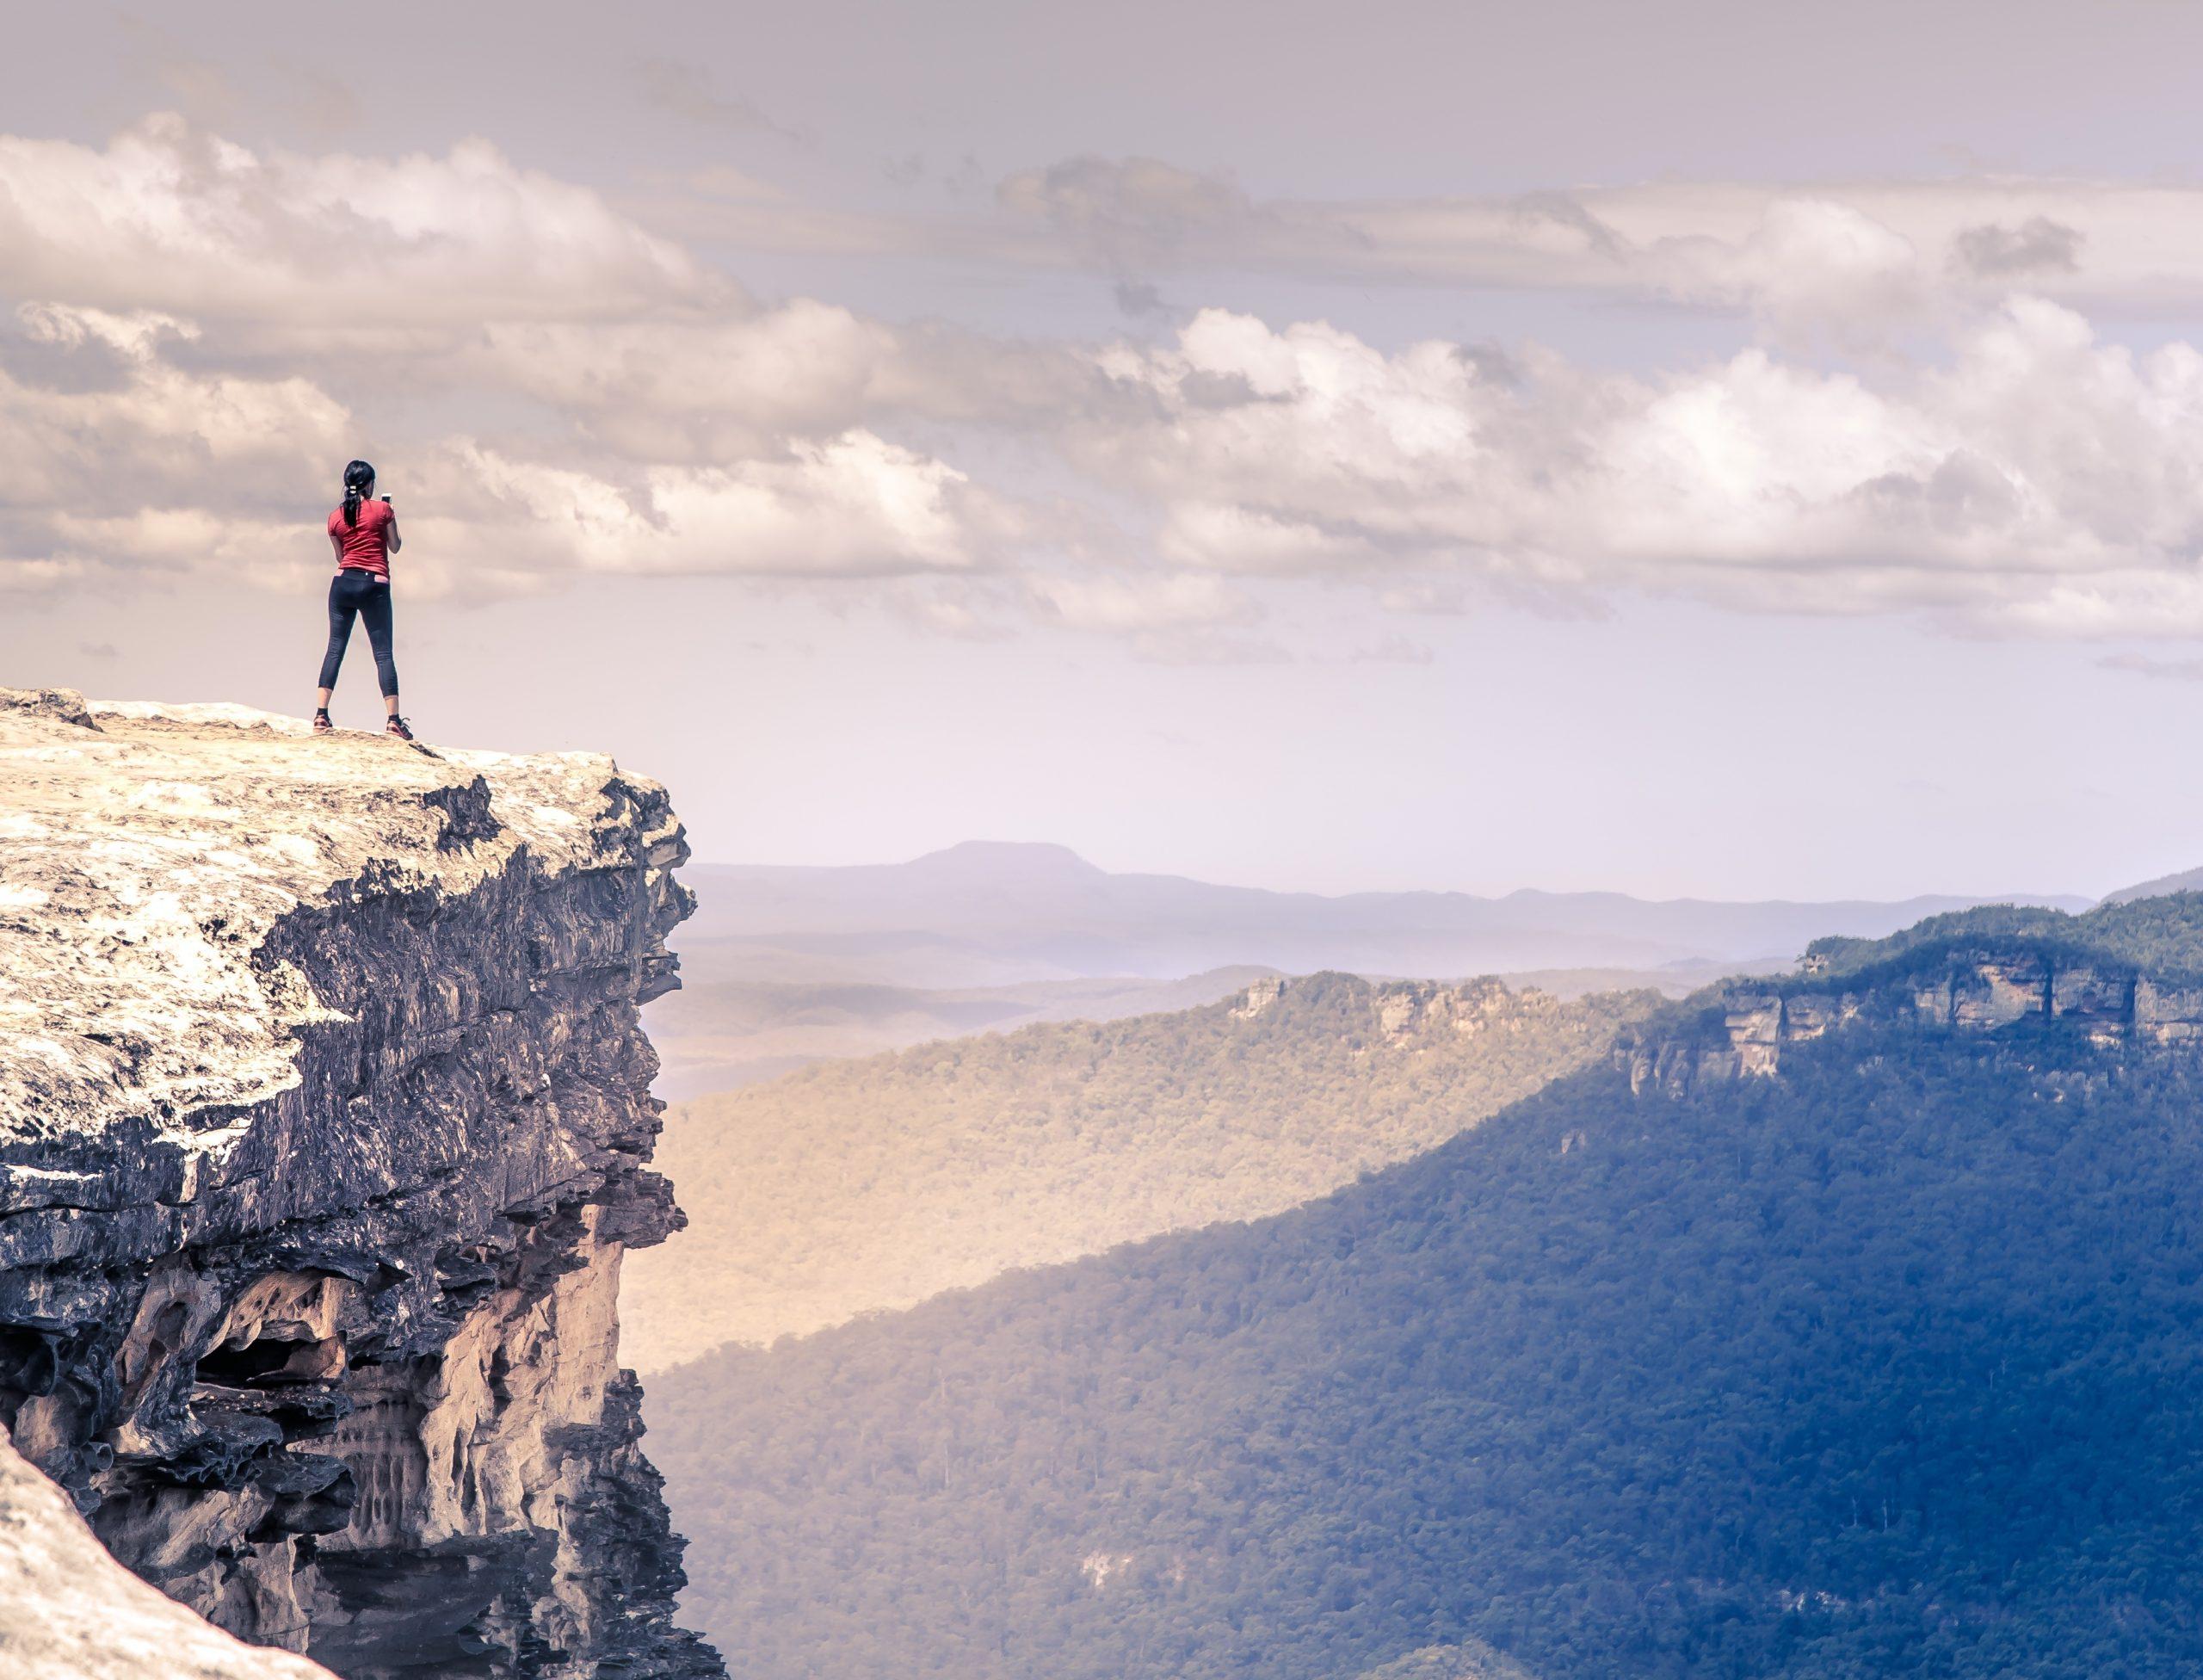 Eine Person steht auf einem Berg